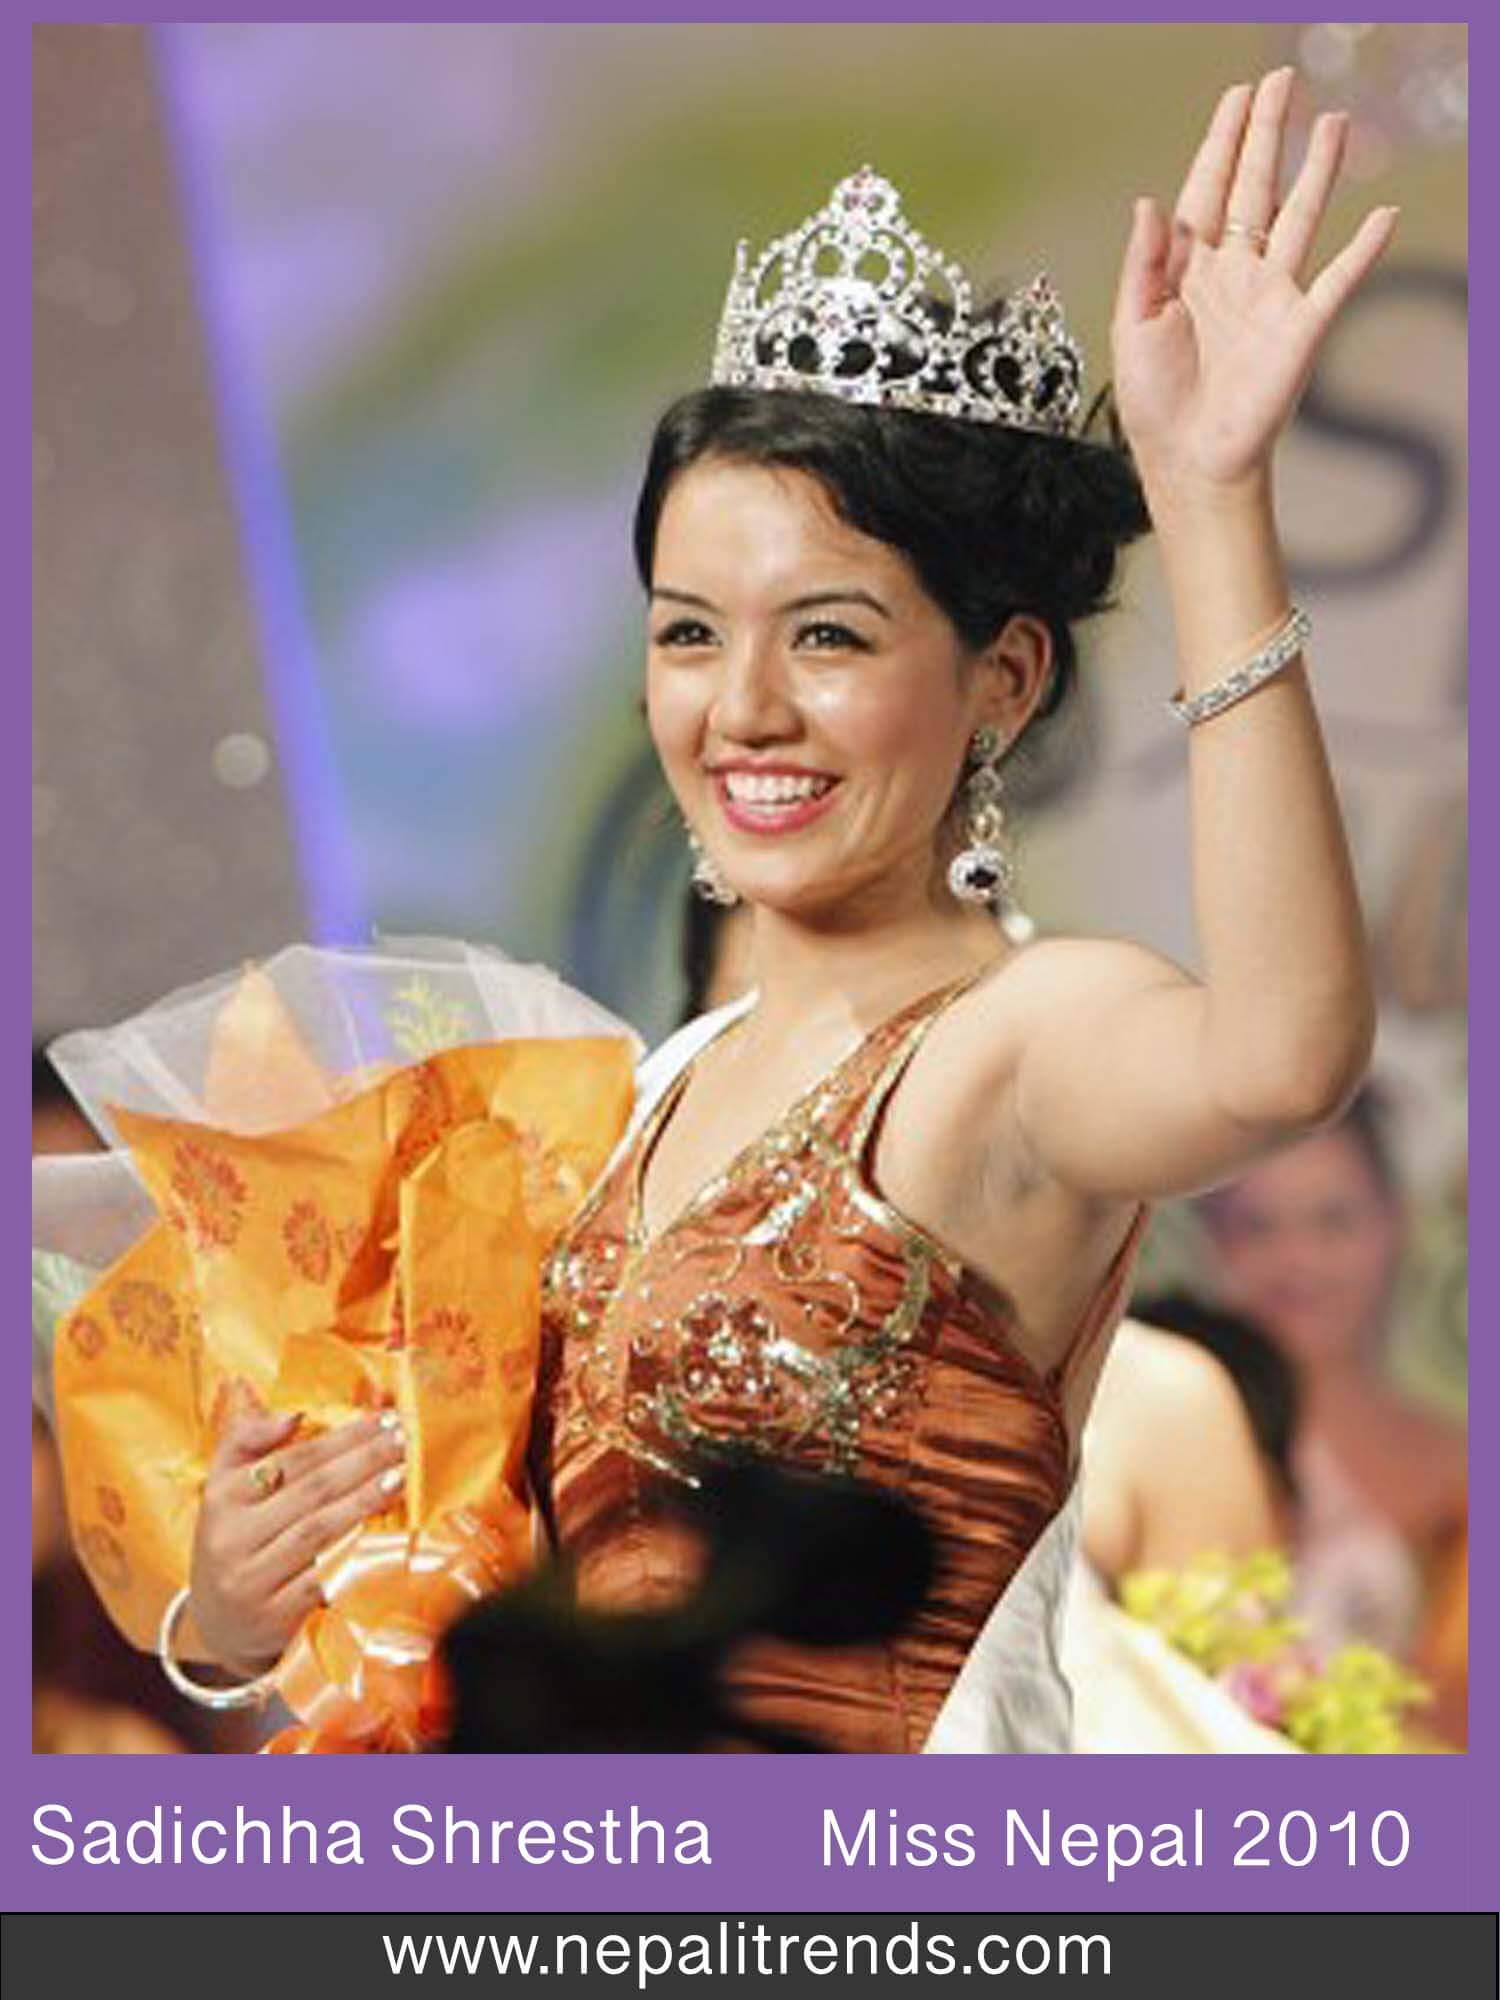 Sadichha Shrestha Miss Nepal 2010